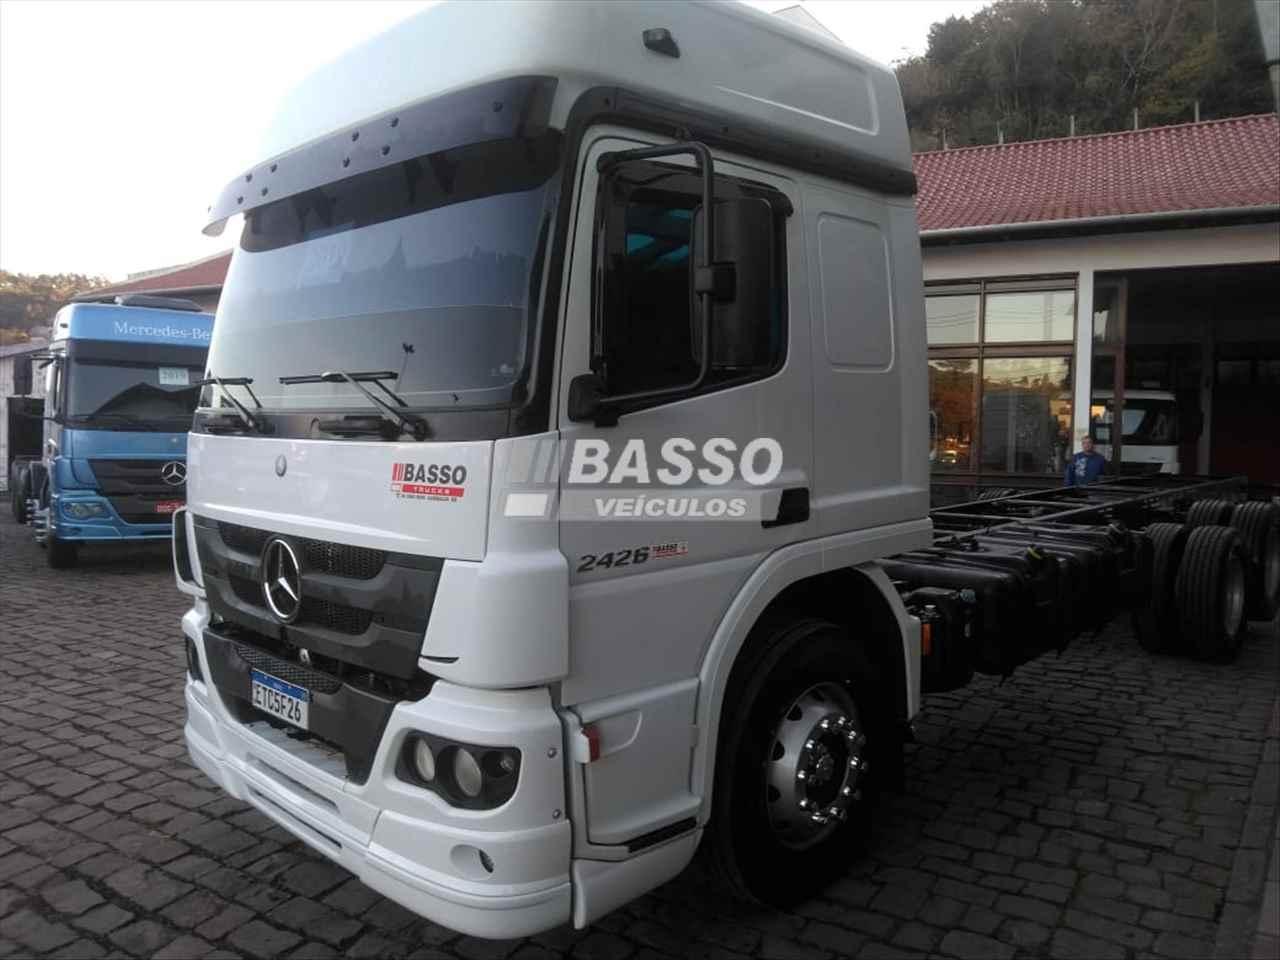 CAMINHAO MERCEDES-BENZ MB 2426 Baú Furgão Truck 6x2 Basso Veículos GARIBALDI RIO GRANDE DO SUL RS